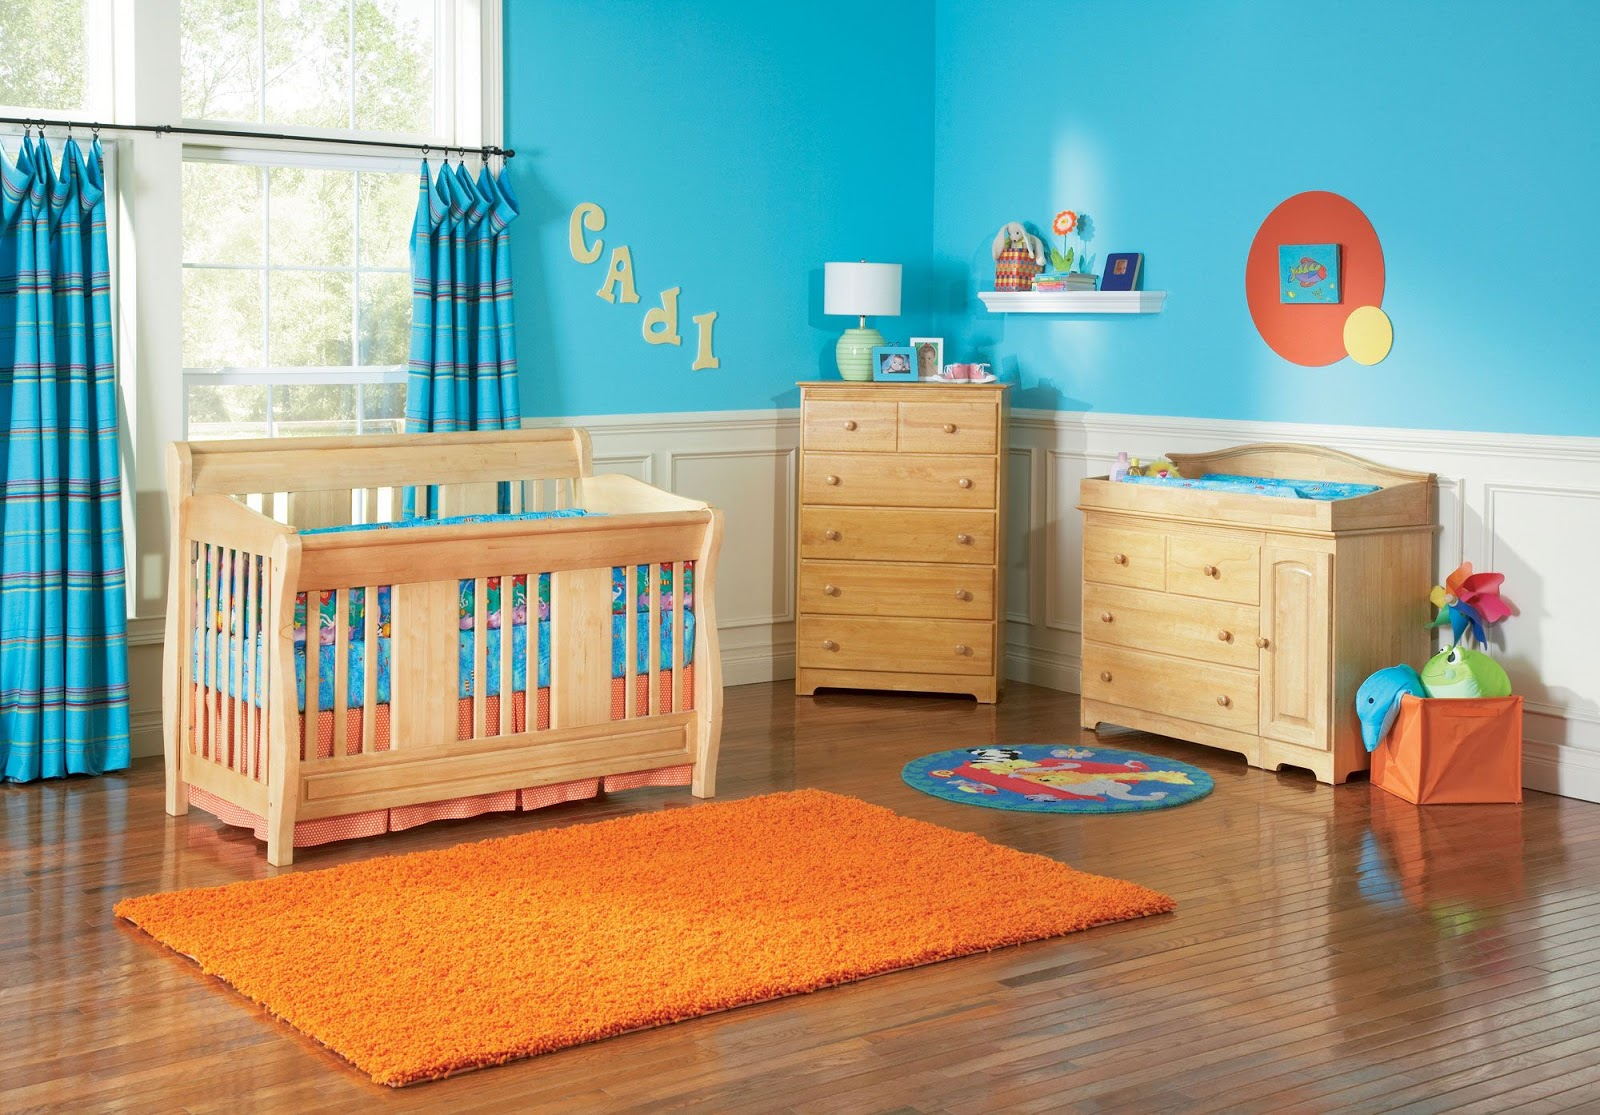 Image chambre bébé bois naturel - Bébé et décoration - Chambre bébé ...